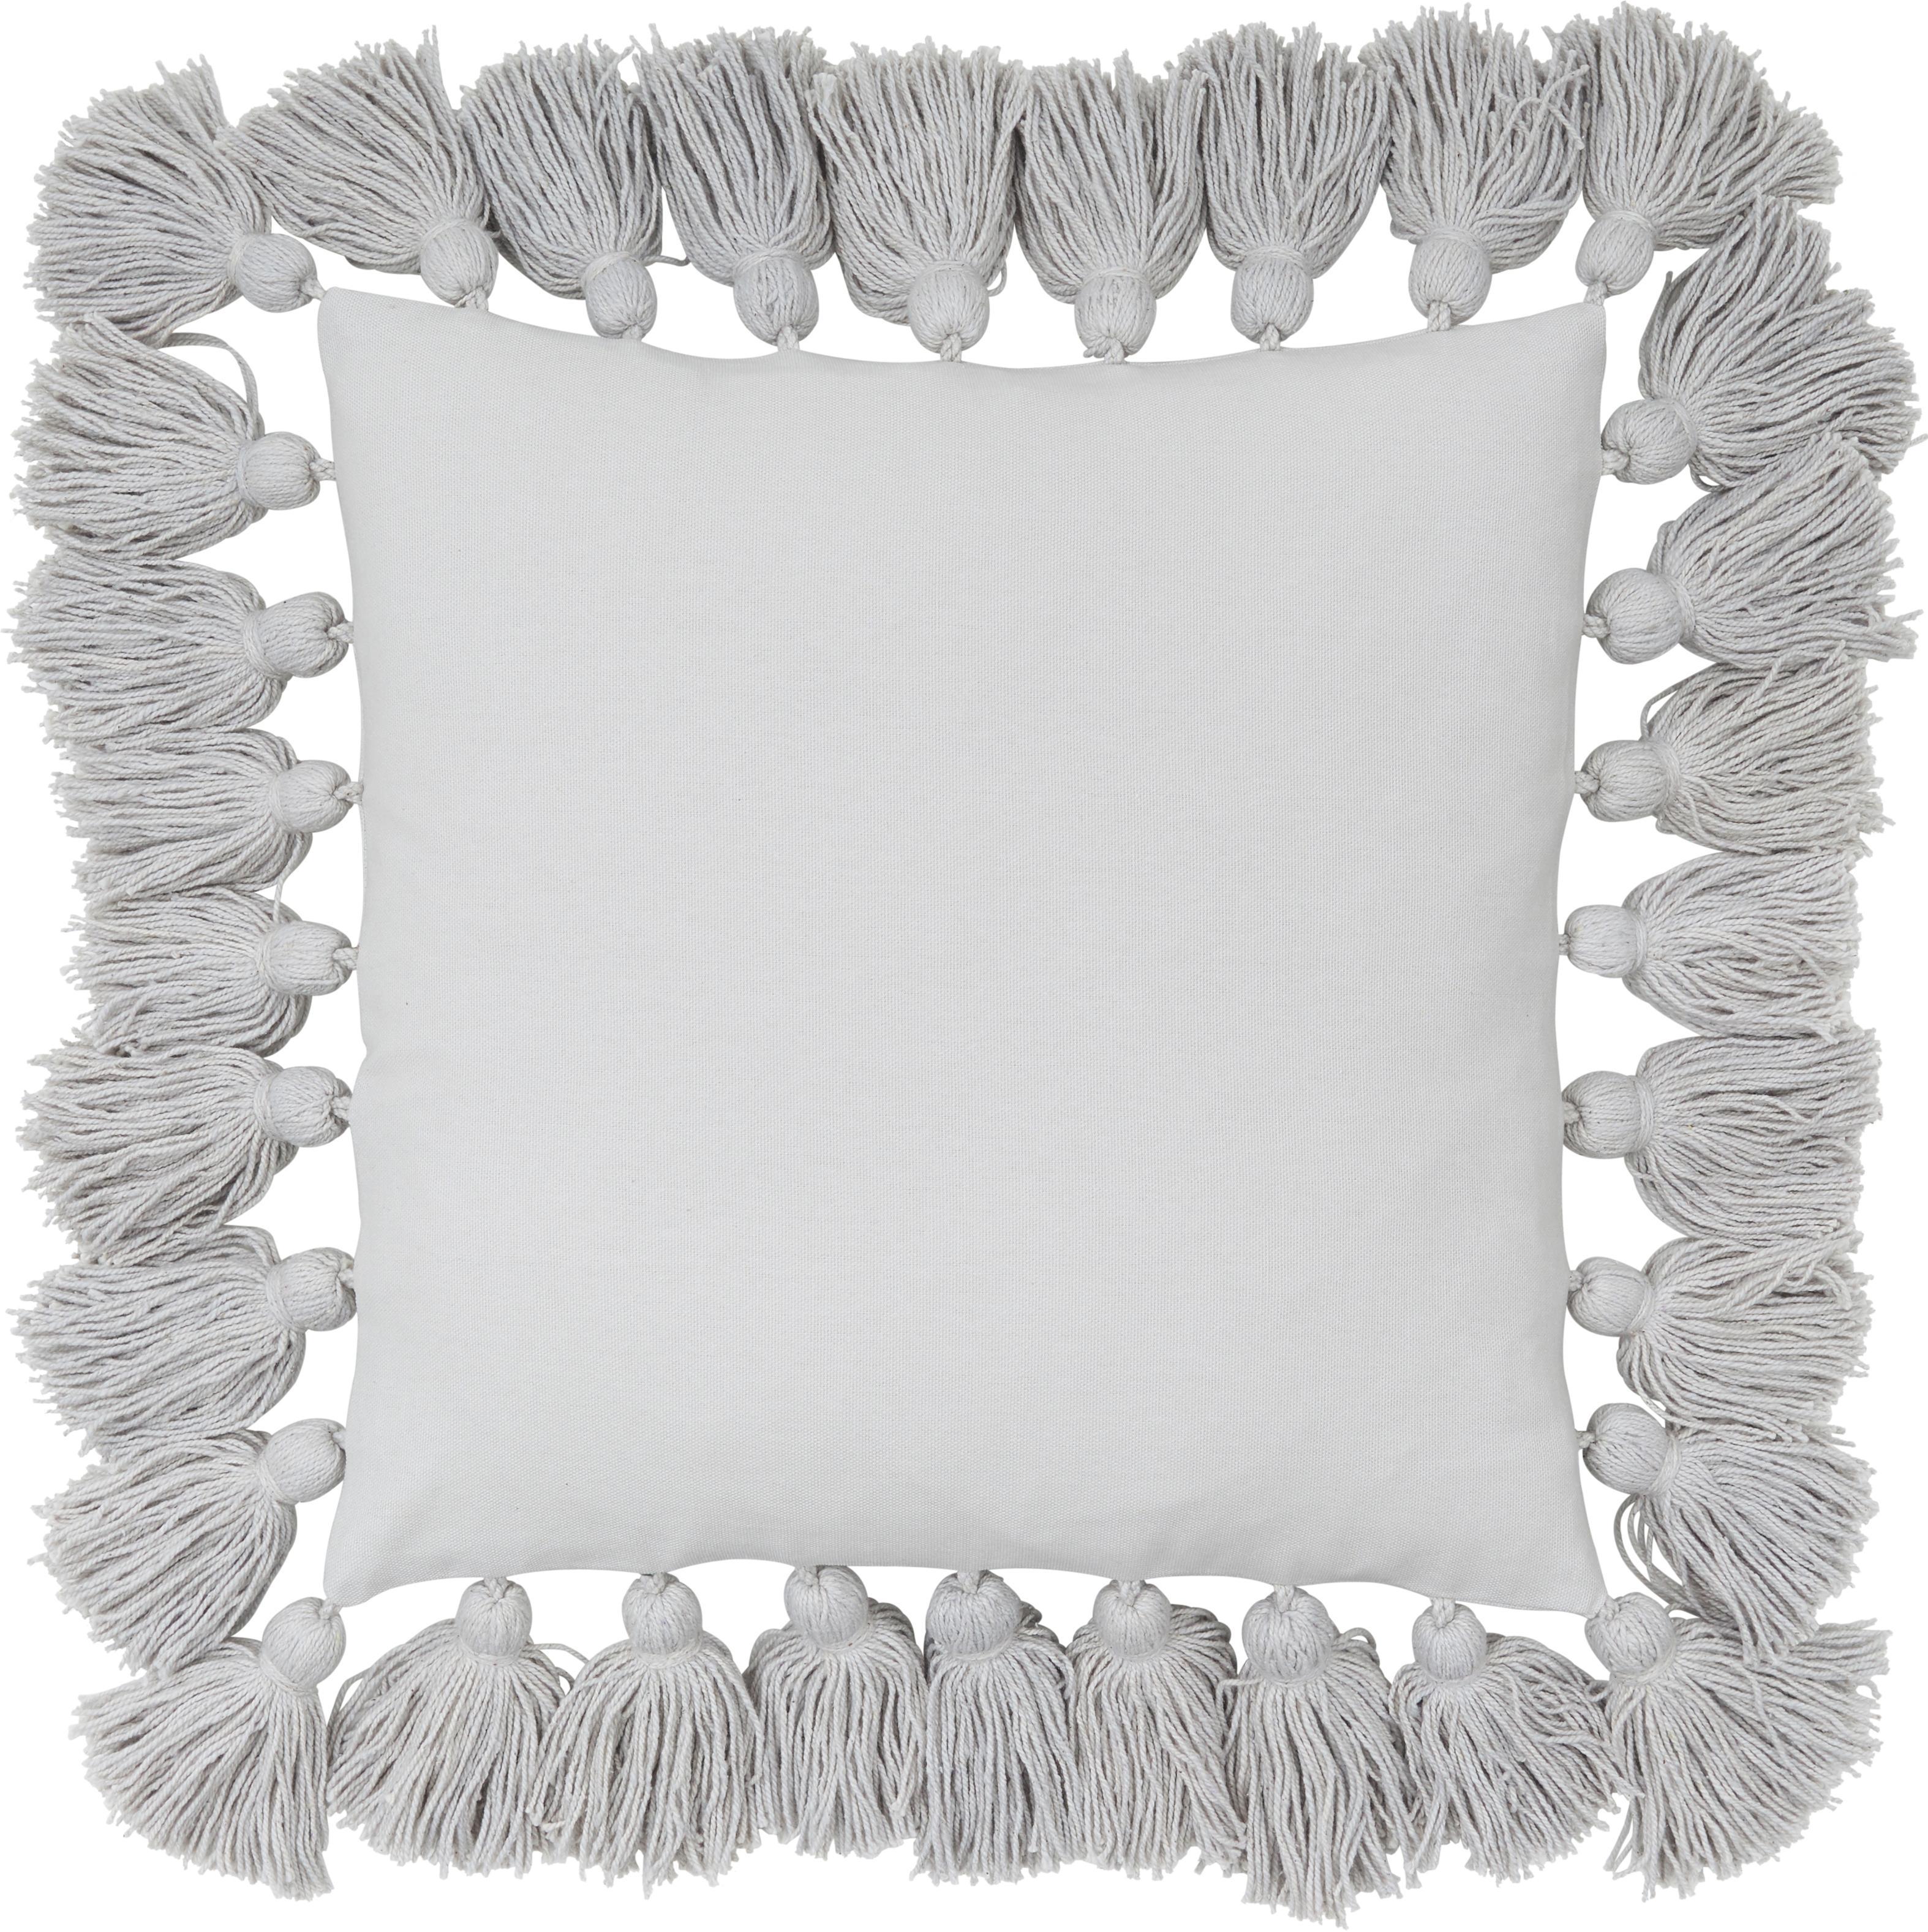 Funda de cojín con borlas Shylo, Algodón, Gris claro, An 40 x L 40 cm